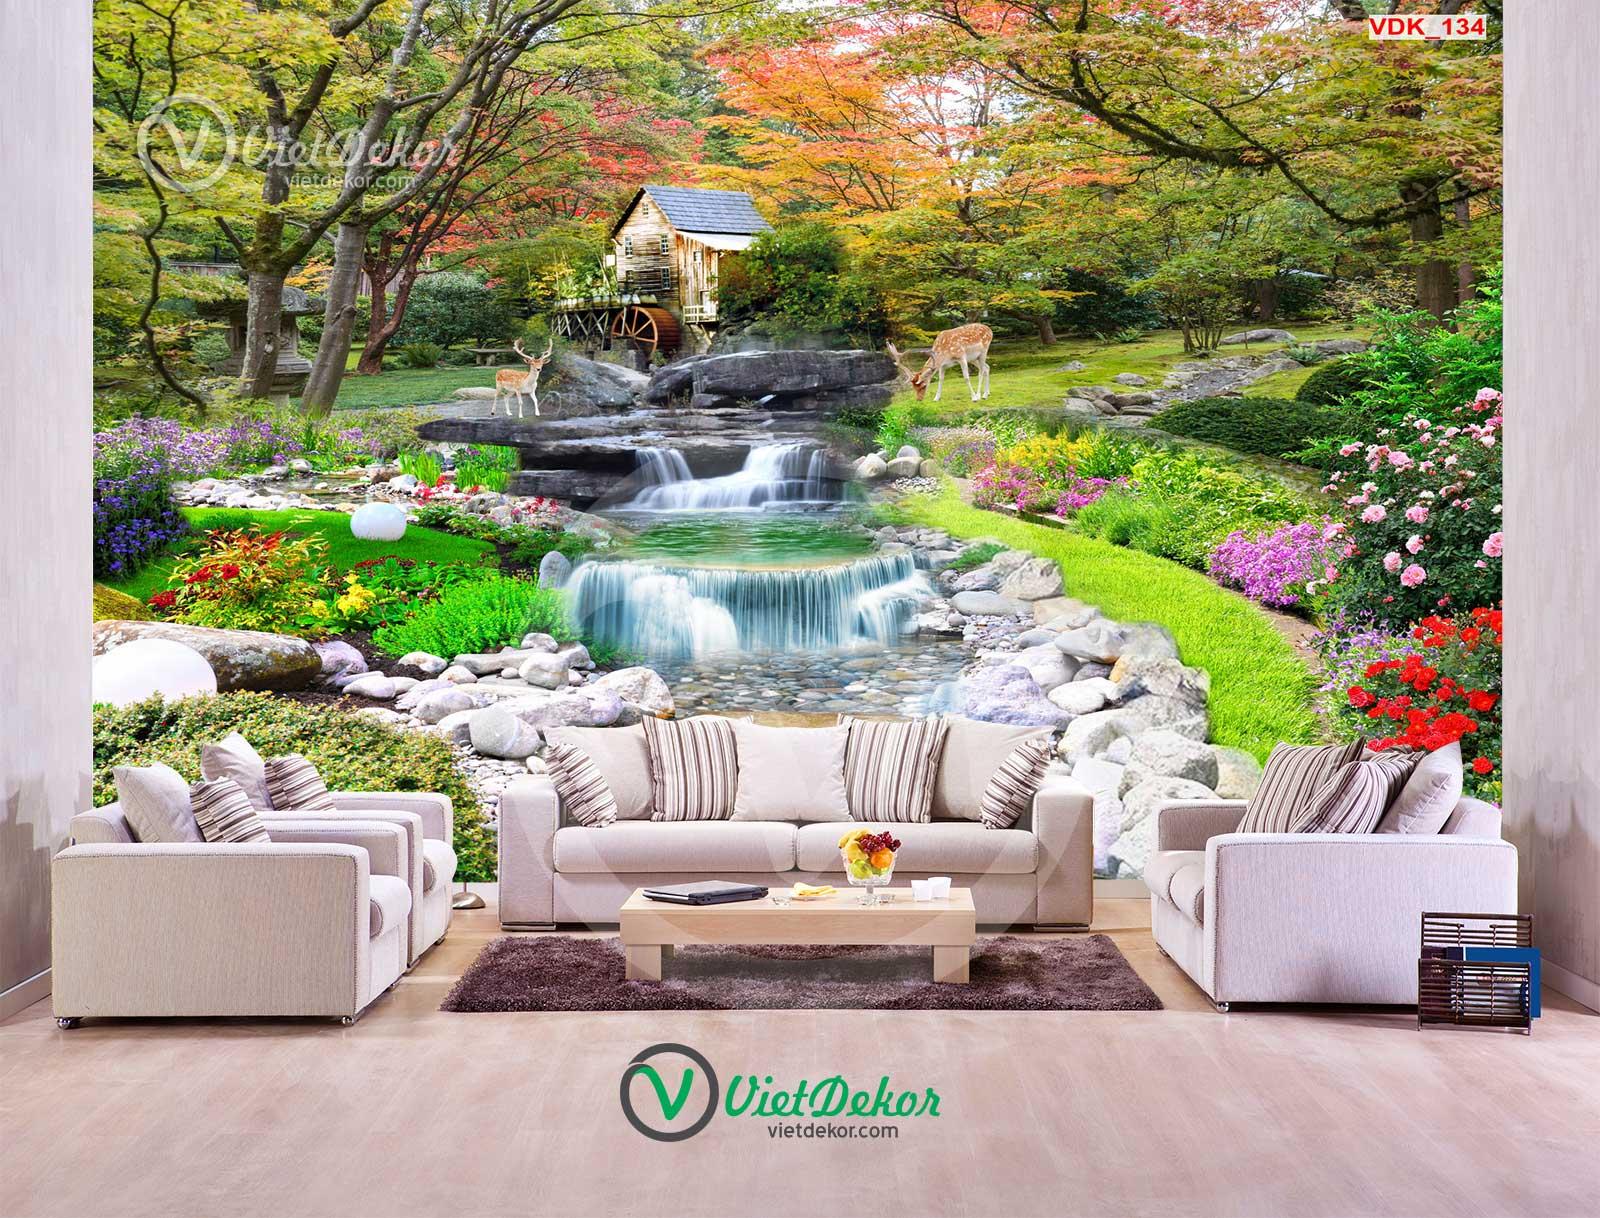 Tranh dán tường 3d  phong cảnh thác nước rừng cây hoa và lai con